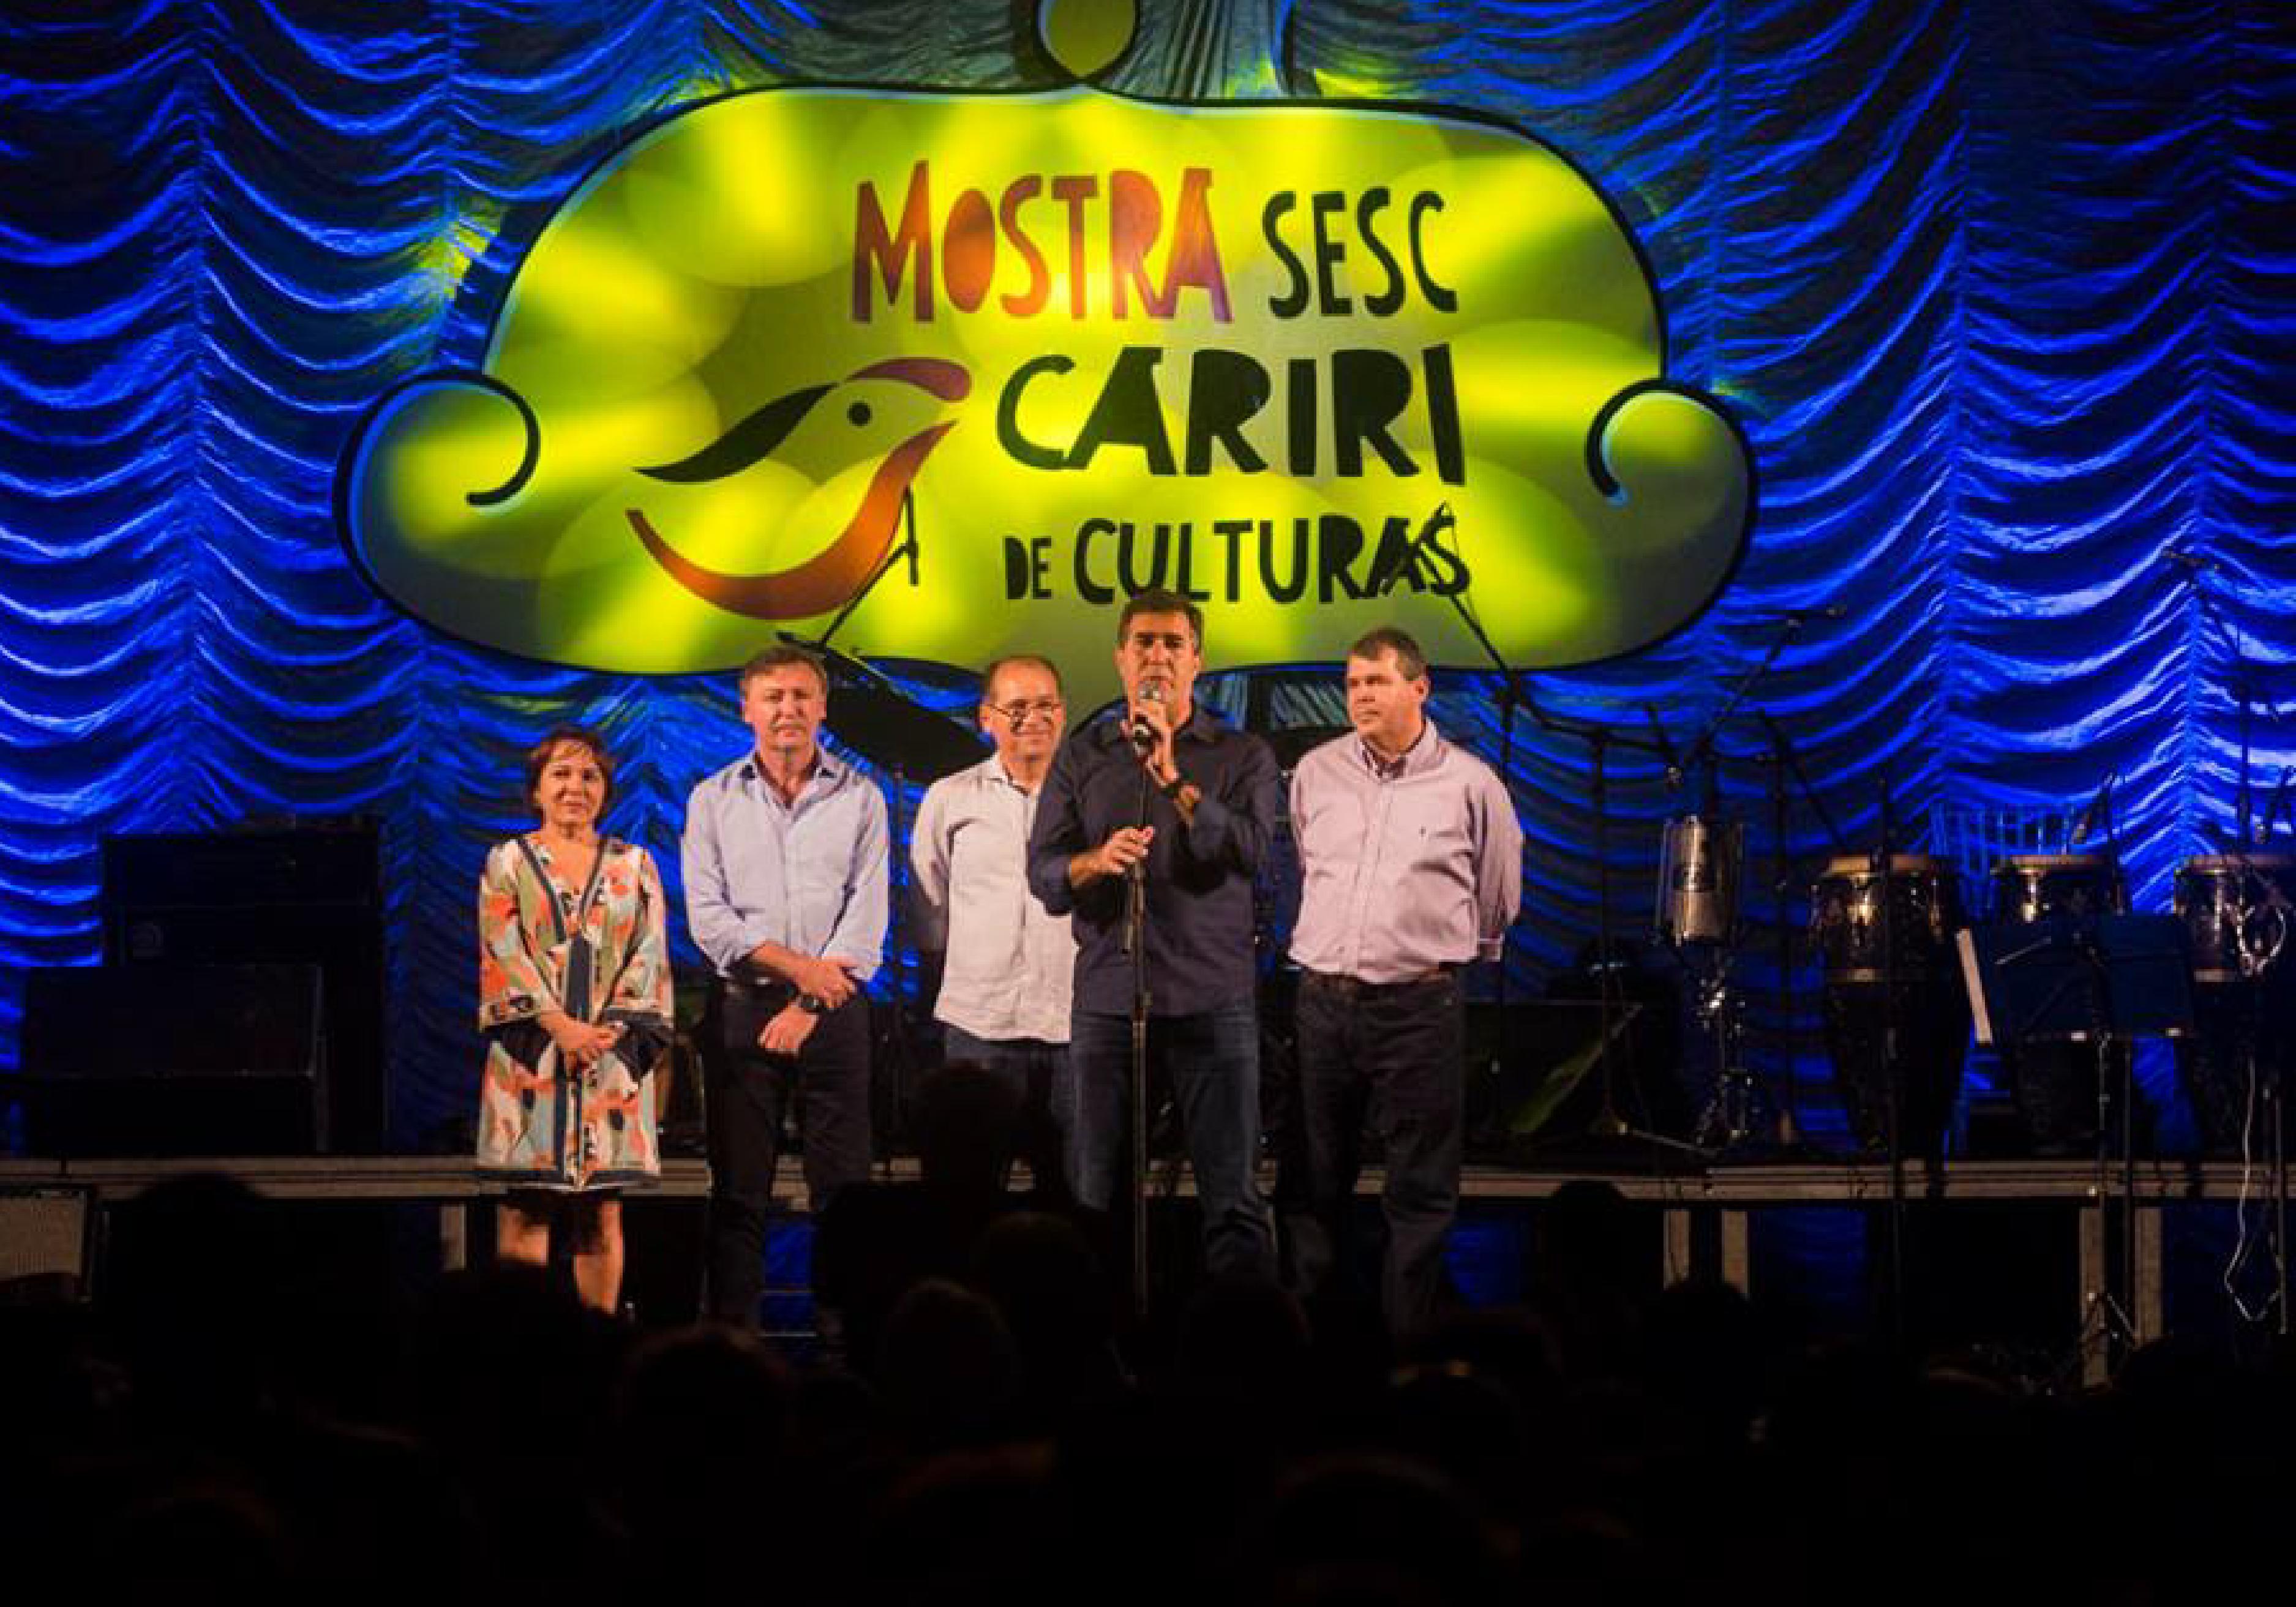 Vamos abrir a roda! 18ª edição da Mostra Sesc Cariri de Culturas